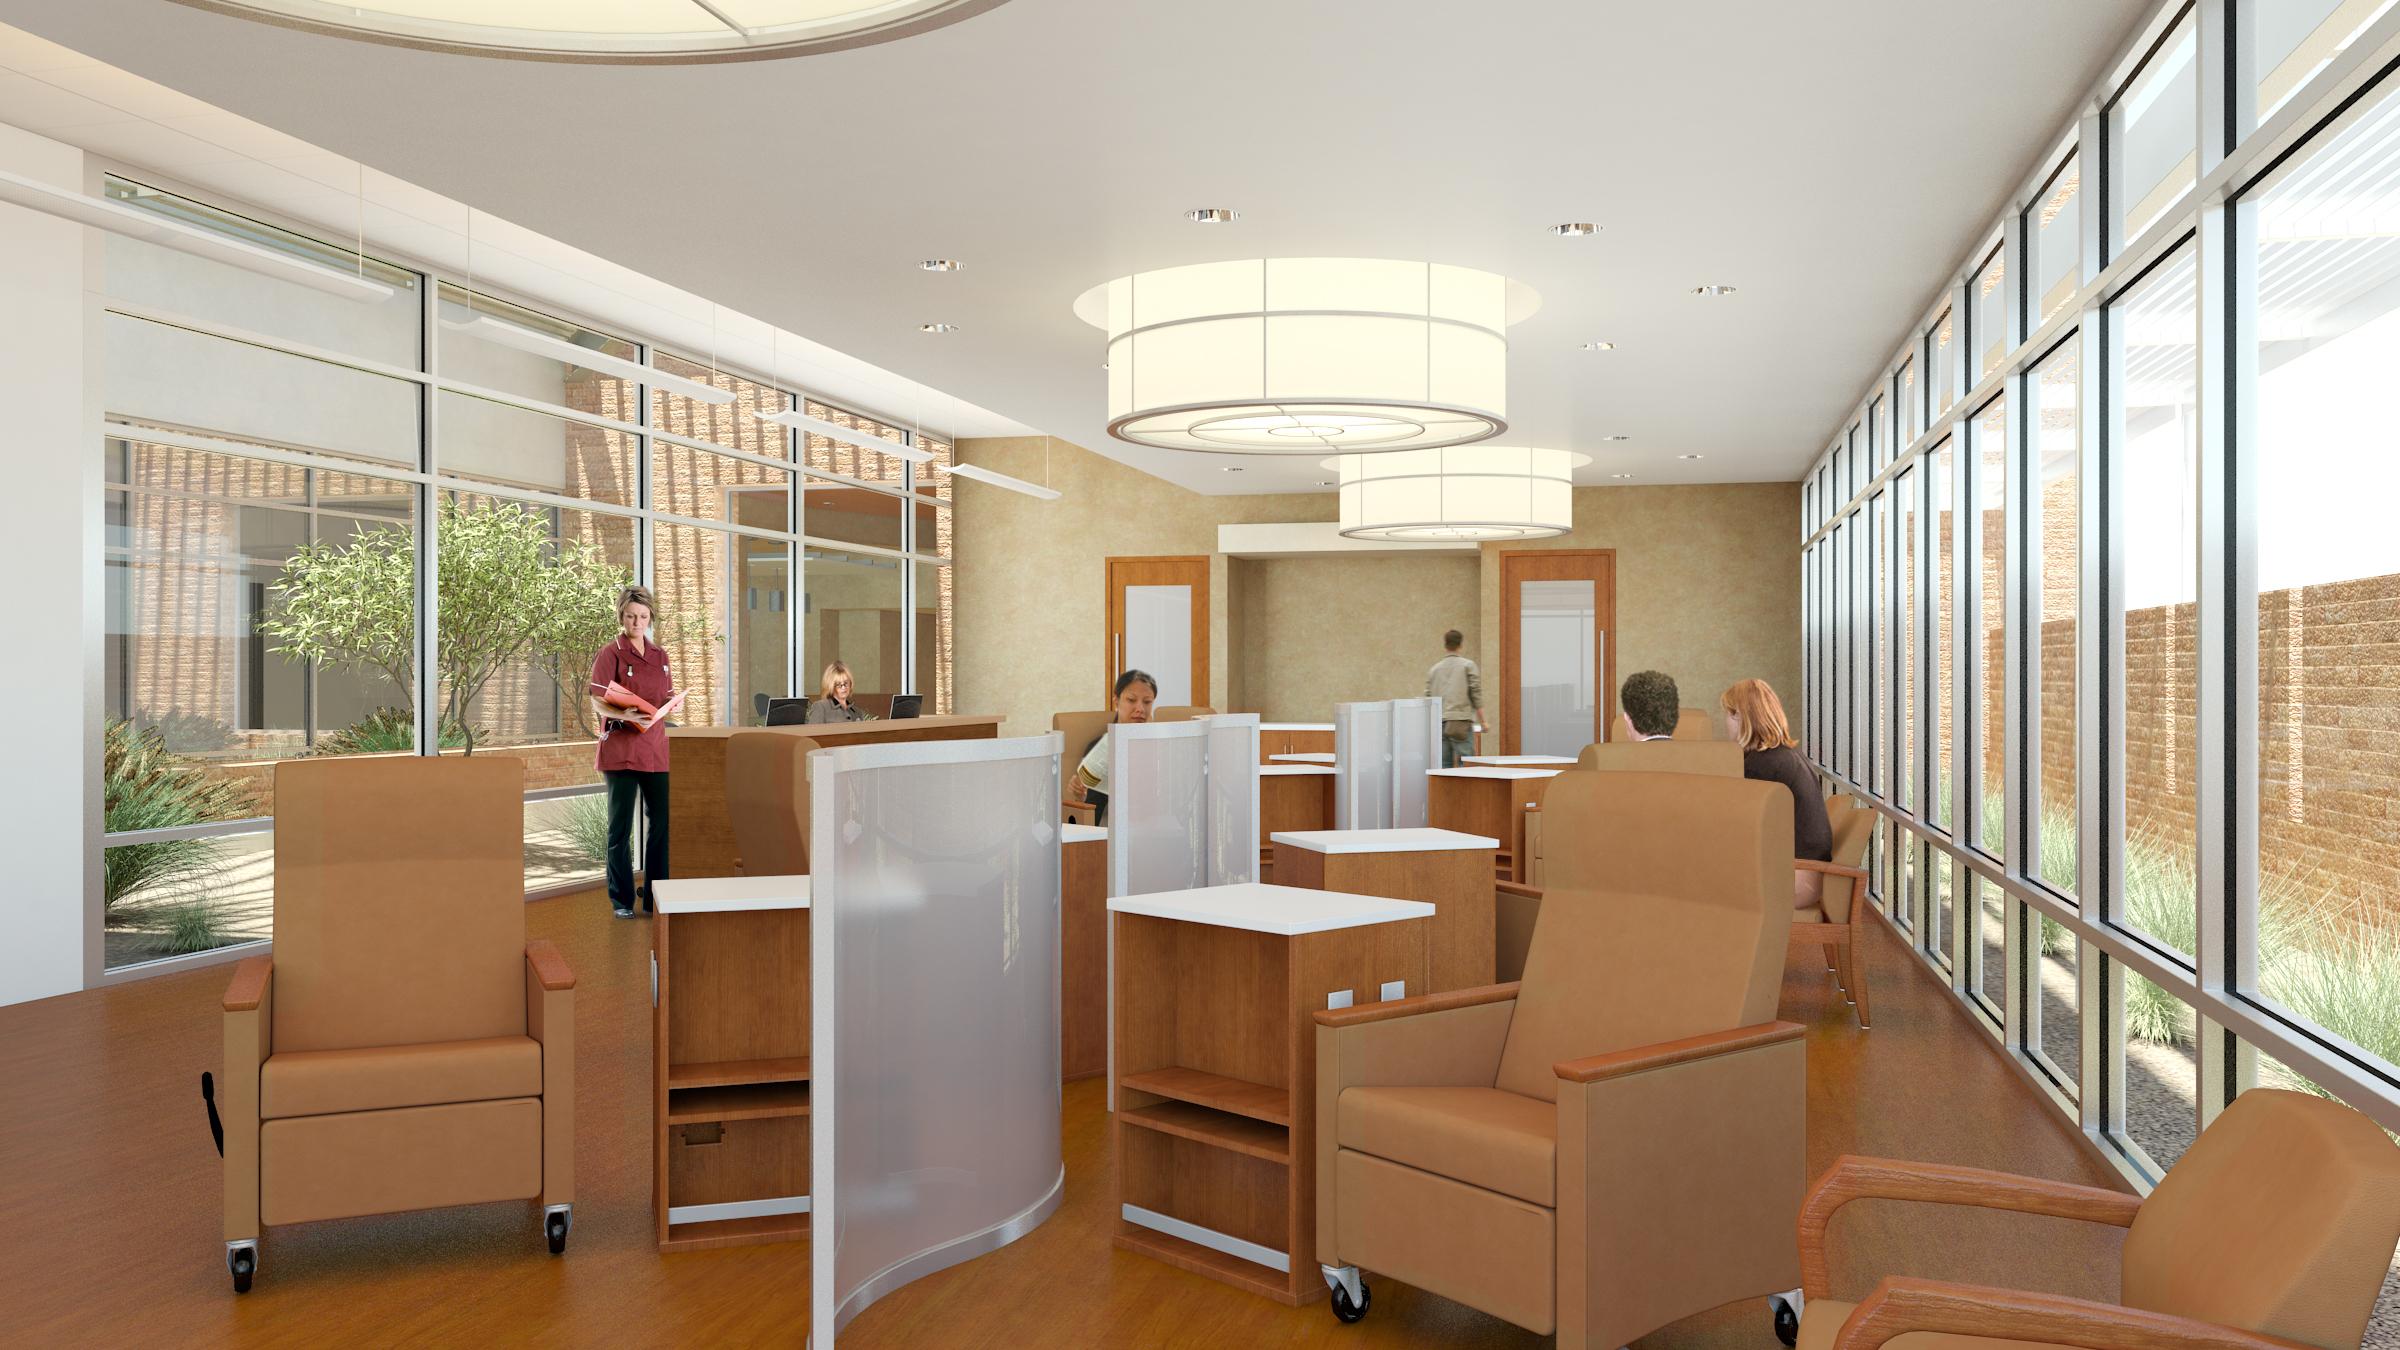 Nevada Cancer Institute at UMC